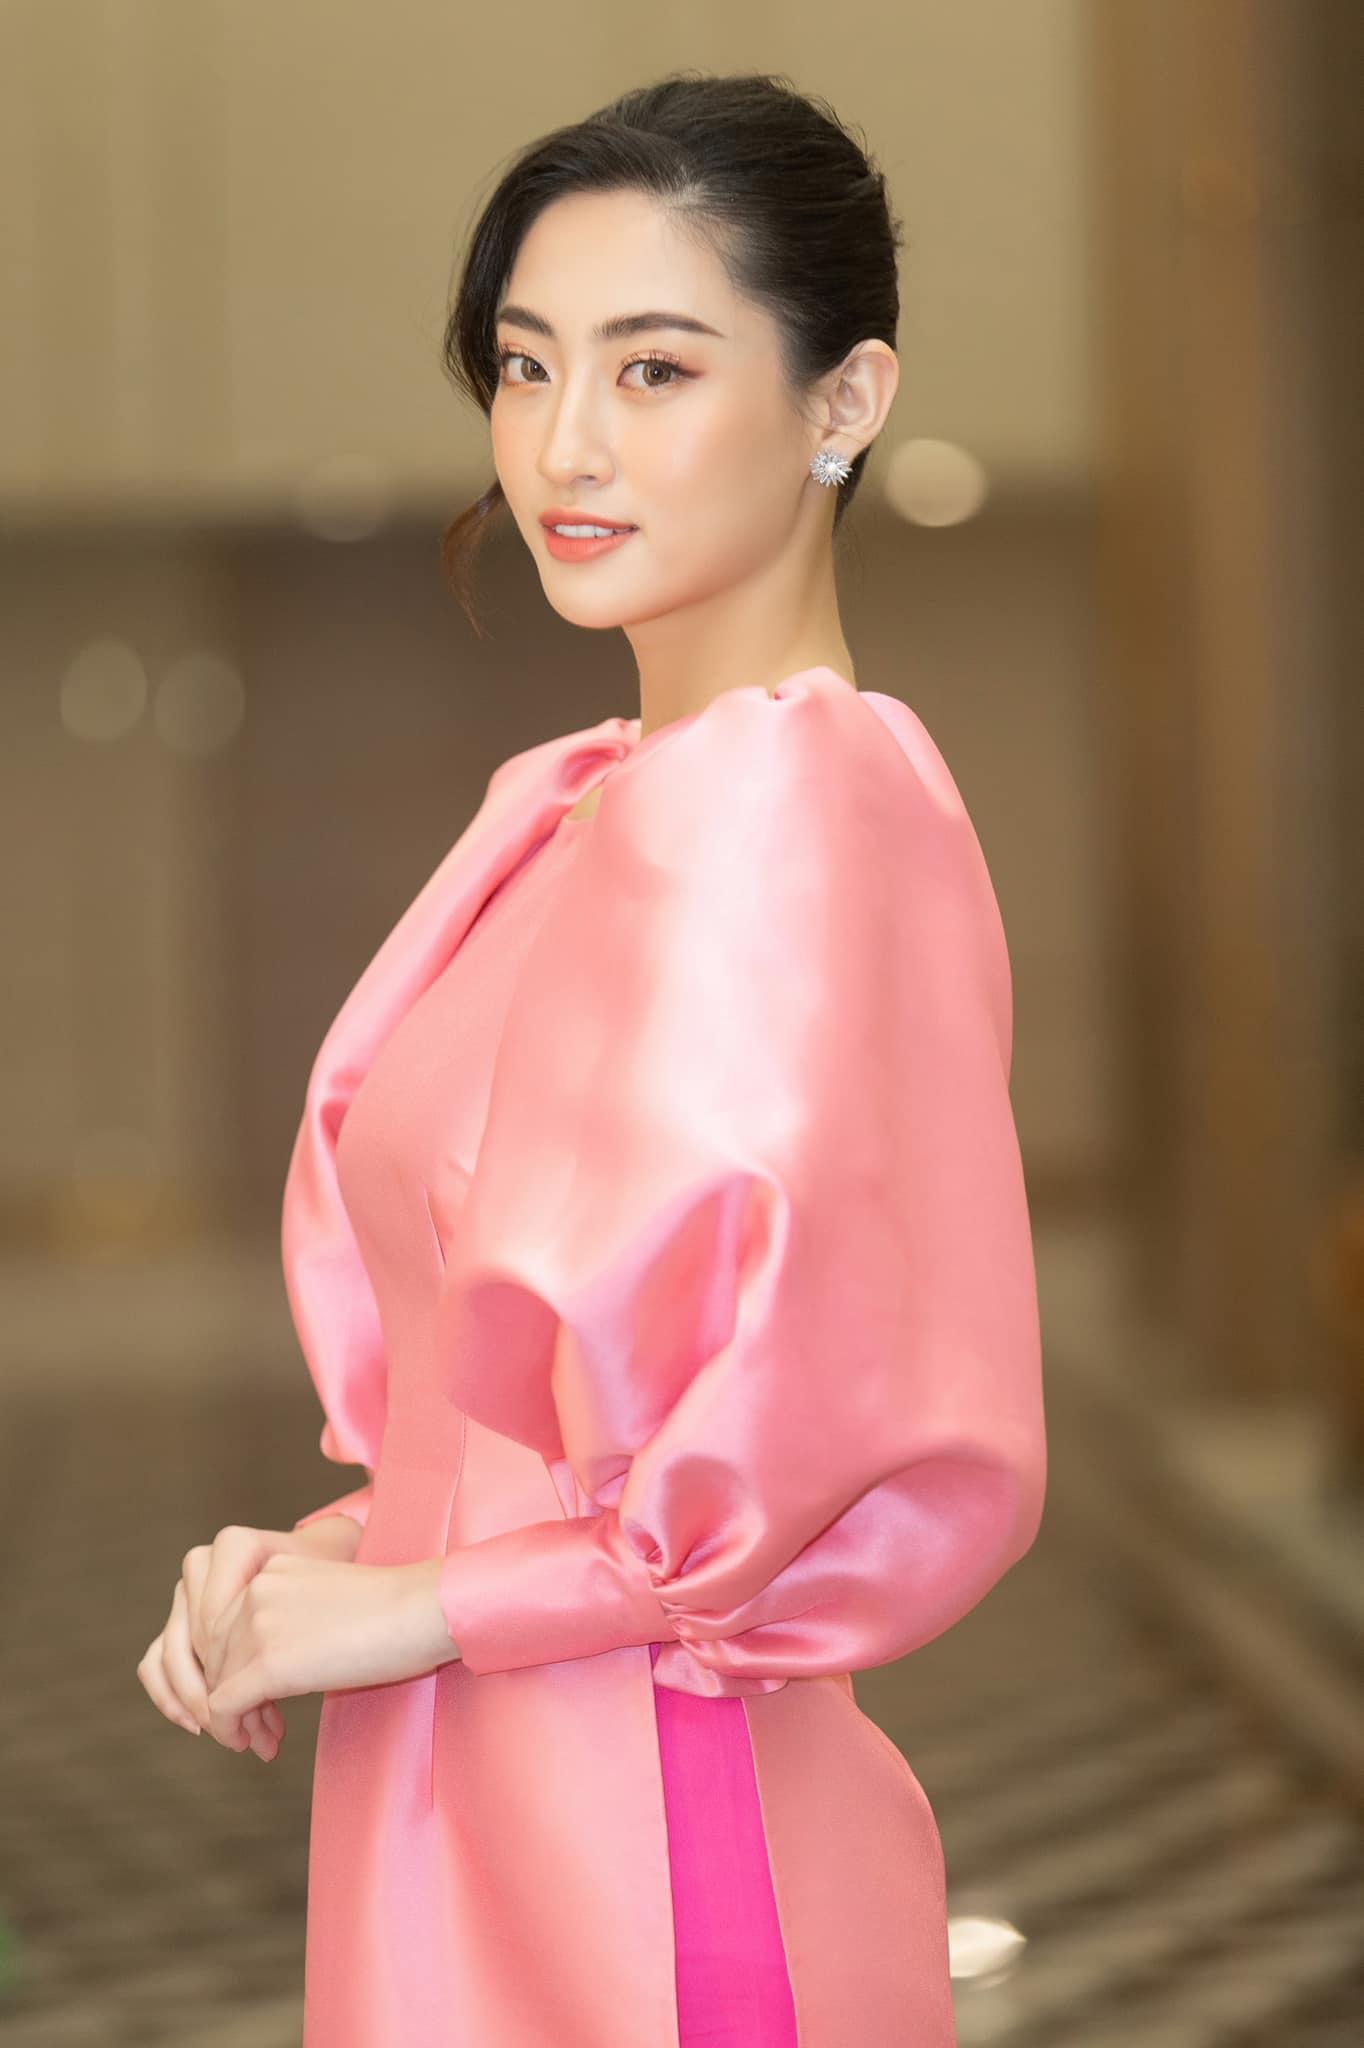 Lương Thùy Linh: 'Đôi lúc mệt mỏi vì gò mình theo chuẩn hoa hậu nhưng nhờ vậy, tôi trưởng thành hơn' Ảnh 9